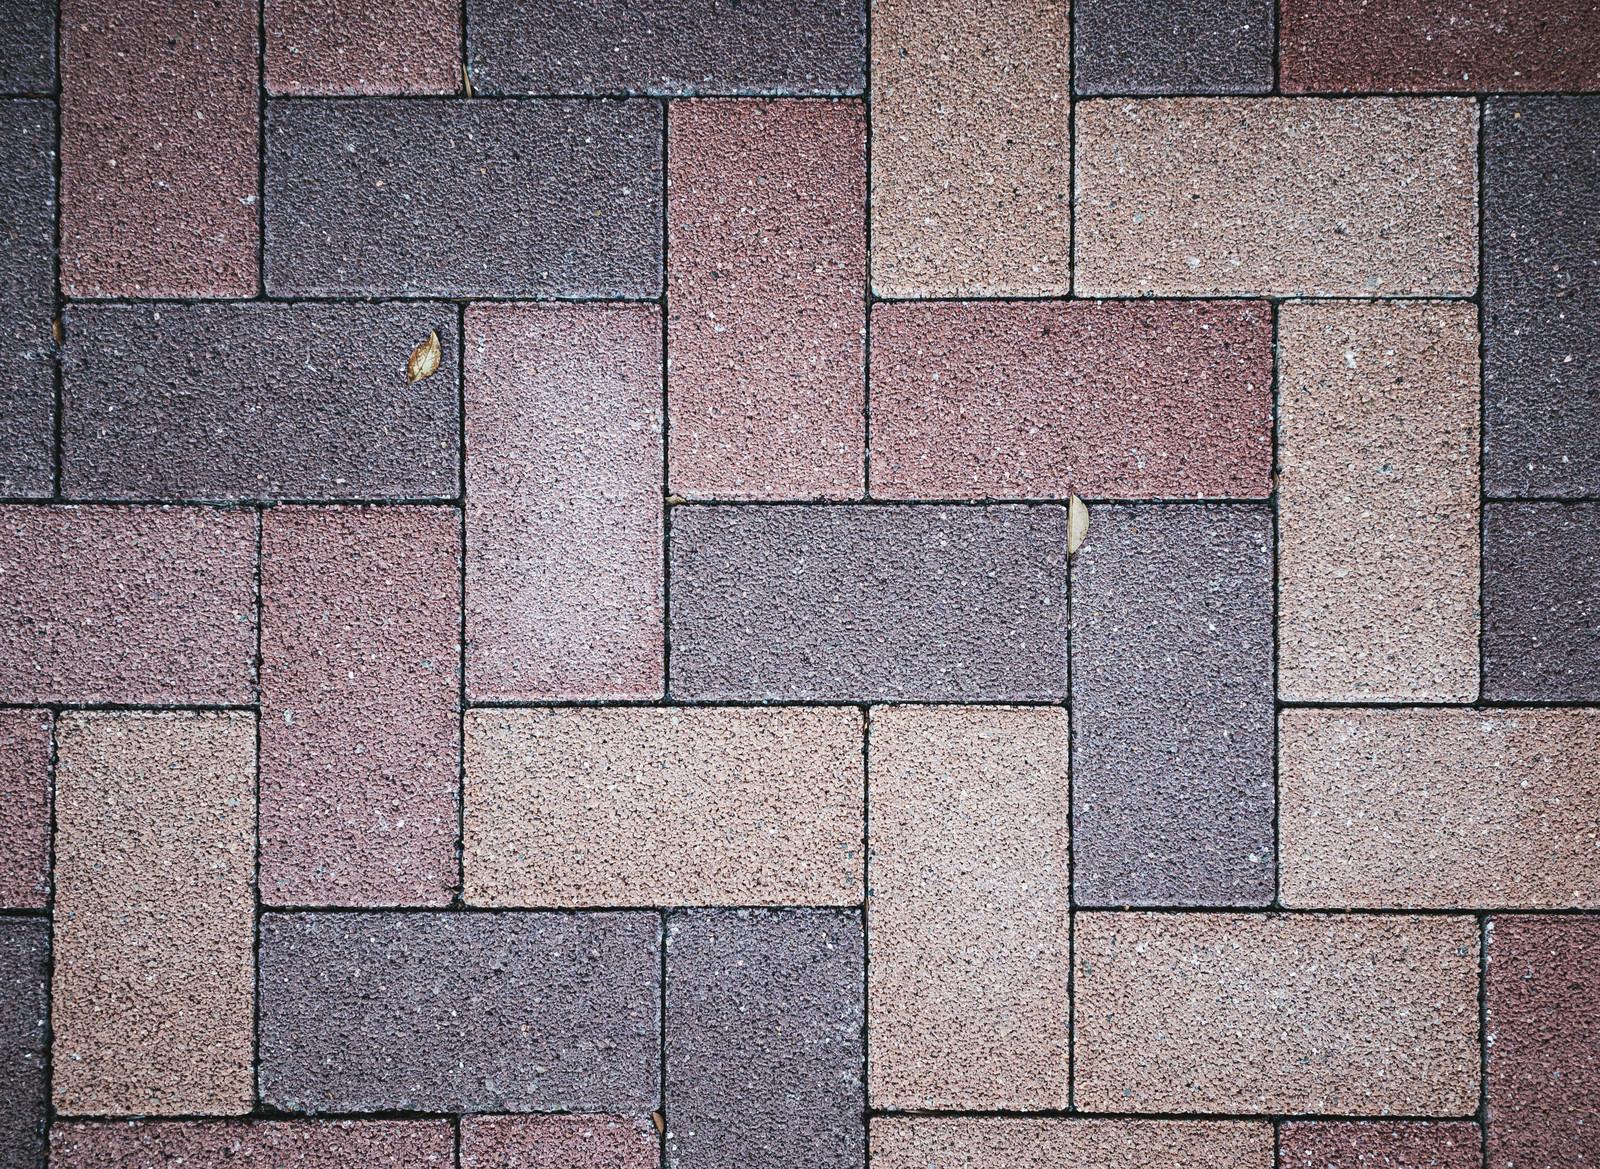 「交互に組み合わせたタイル(テクスチャ)」の写真